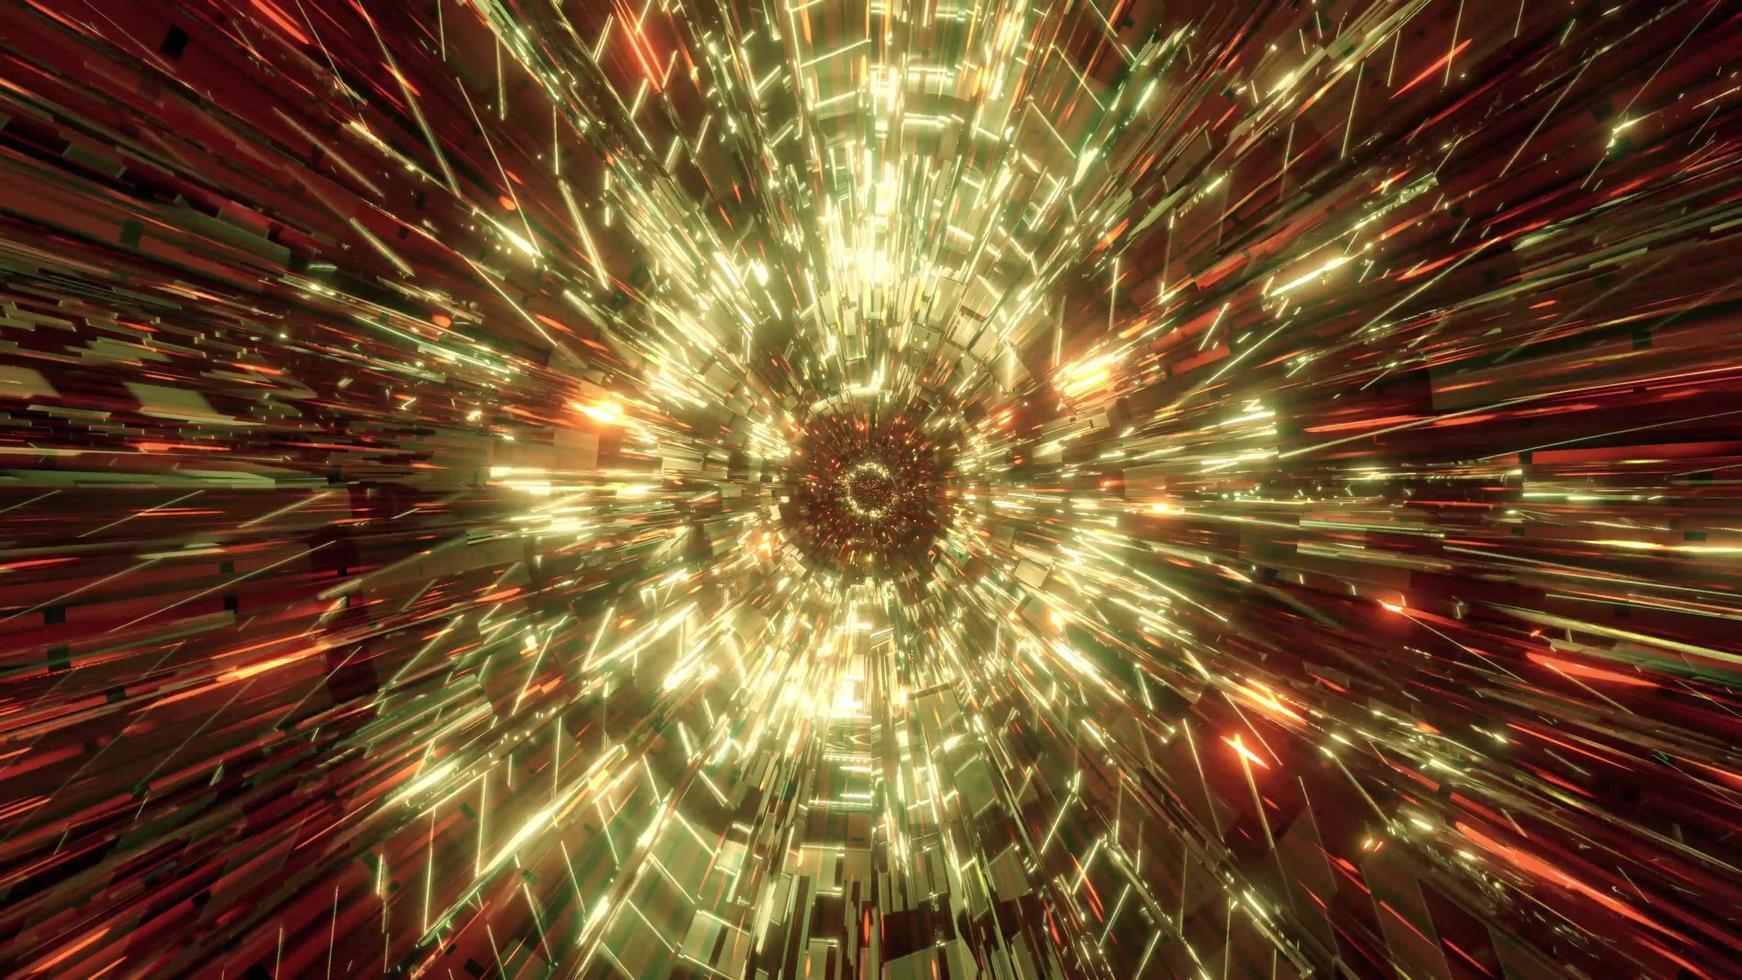 tunnel astratto dorato con neon incandescente 3d design illustrazione grafica sfondo sfondo foto